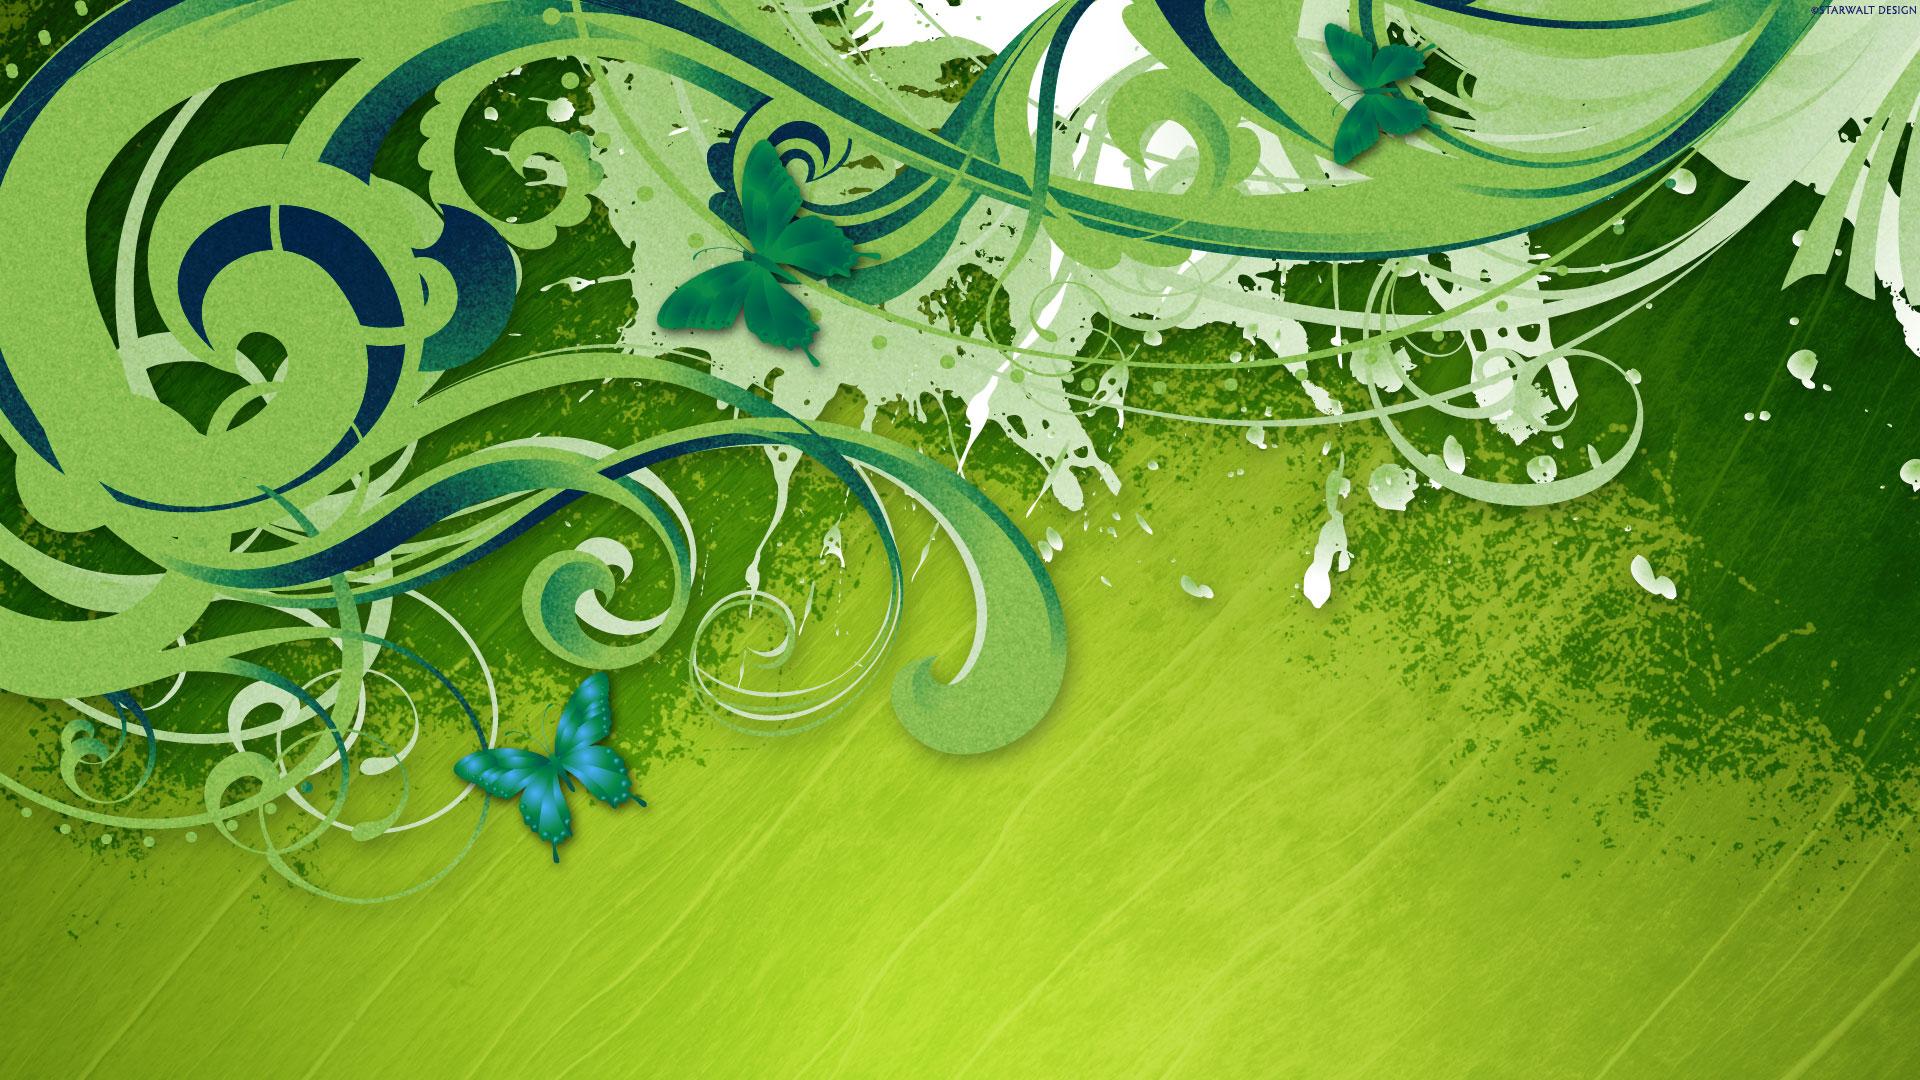 Verde Fondo De Pantalla Hd Fondo De Escritorio 1920x1080